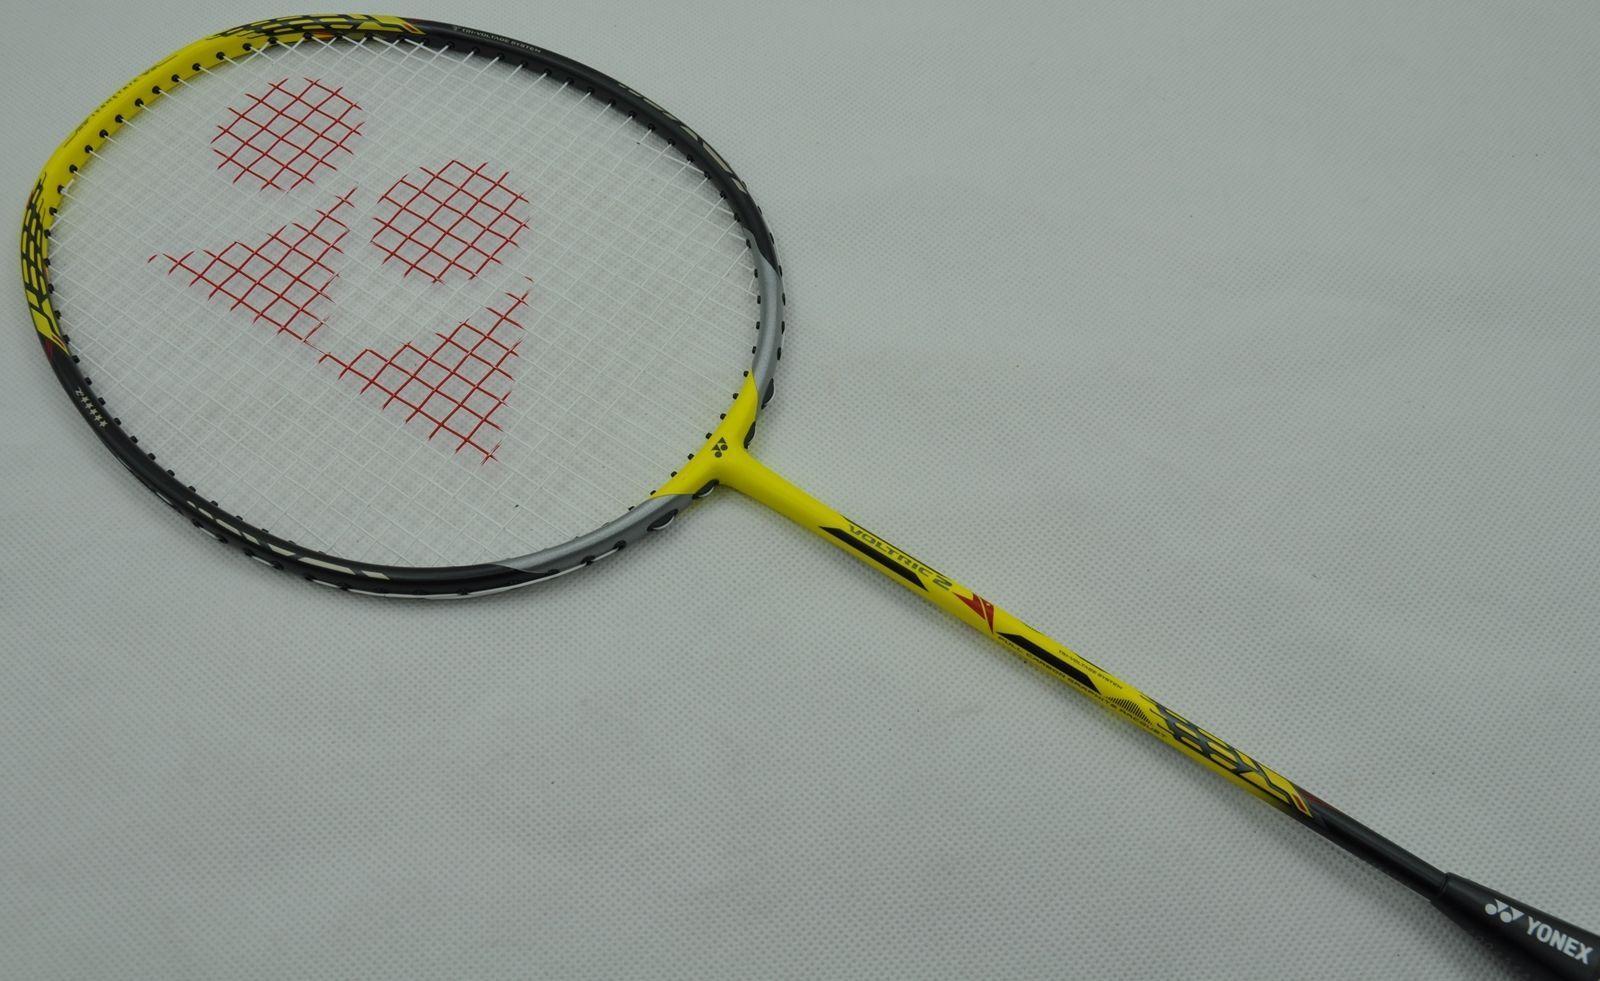 Best Badminton Rackets 2019 19 Picks Clear Winners Badminton Racket Yonex Badminton Racket Rackets